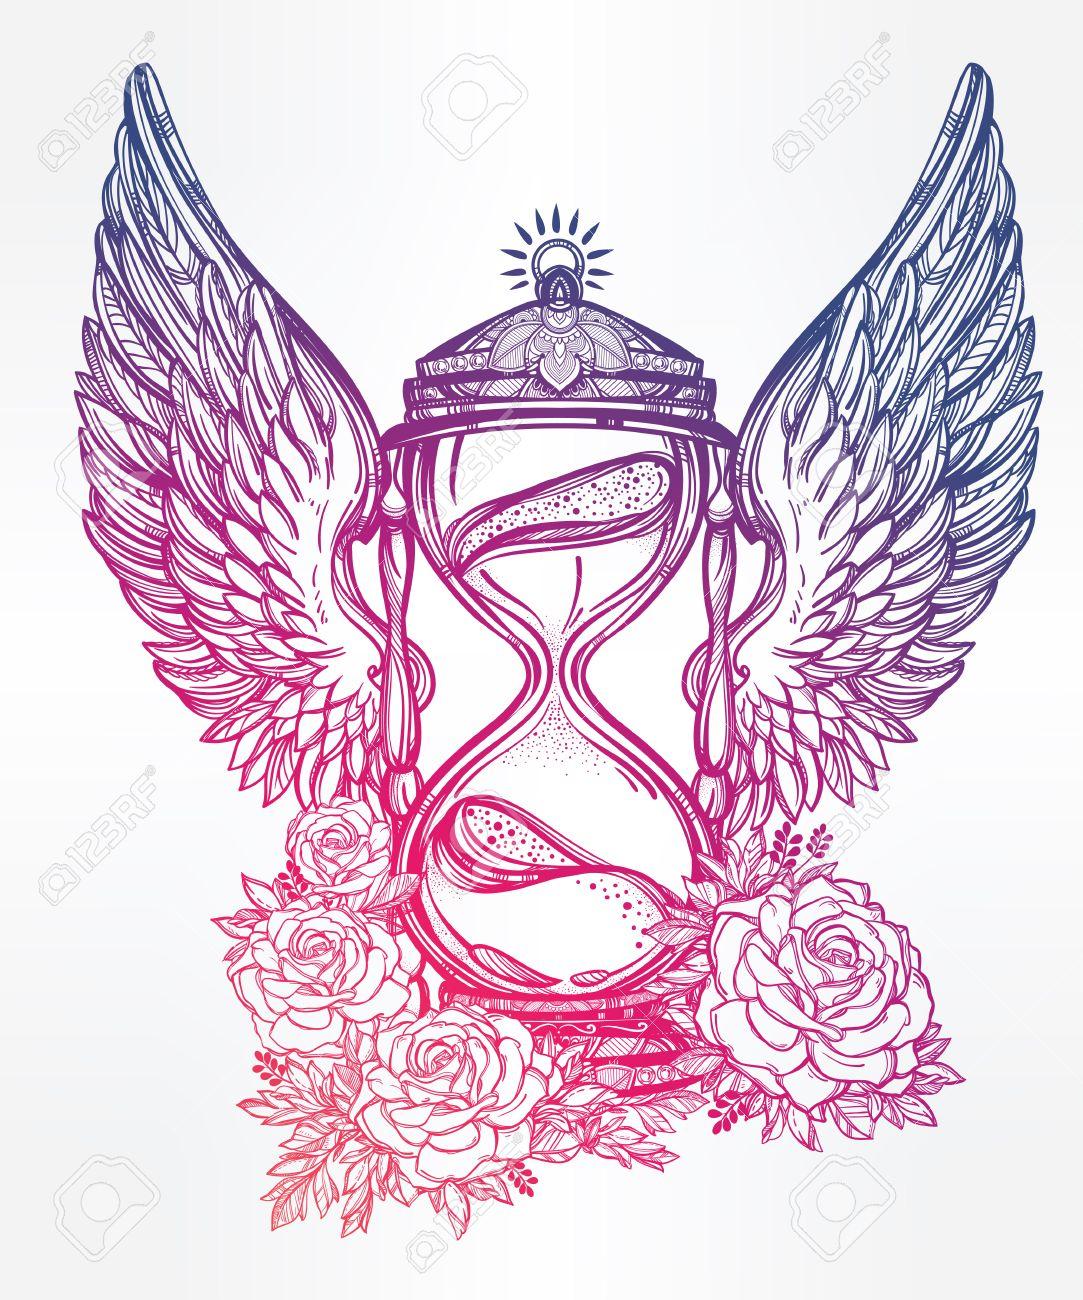 Sanduhr gezeichnet tattoo  Hand Gezeichnet Romantische Schöne Zeichnung Einer Sanduhr. Vektor ...